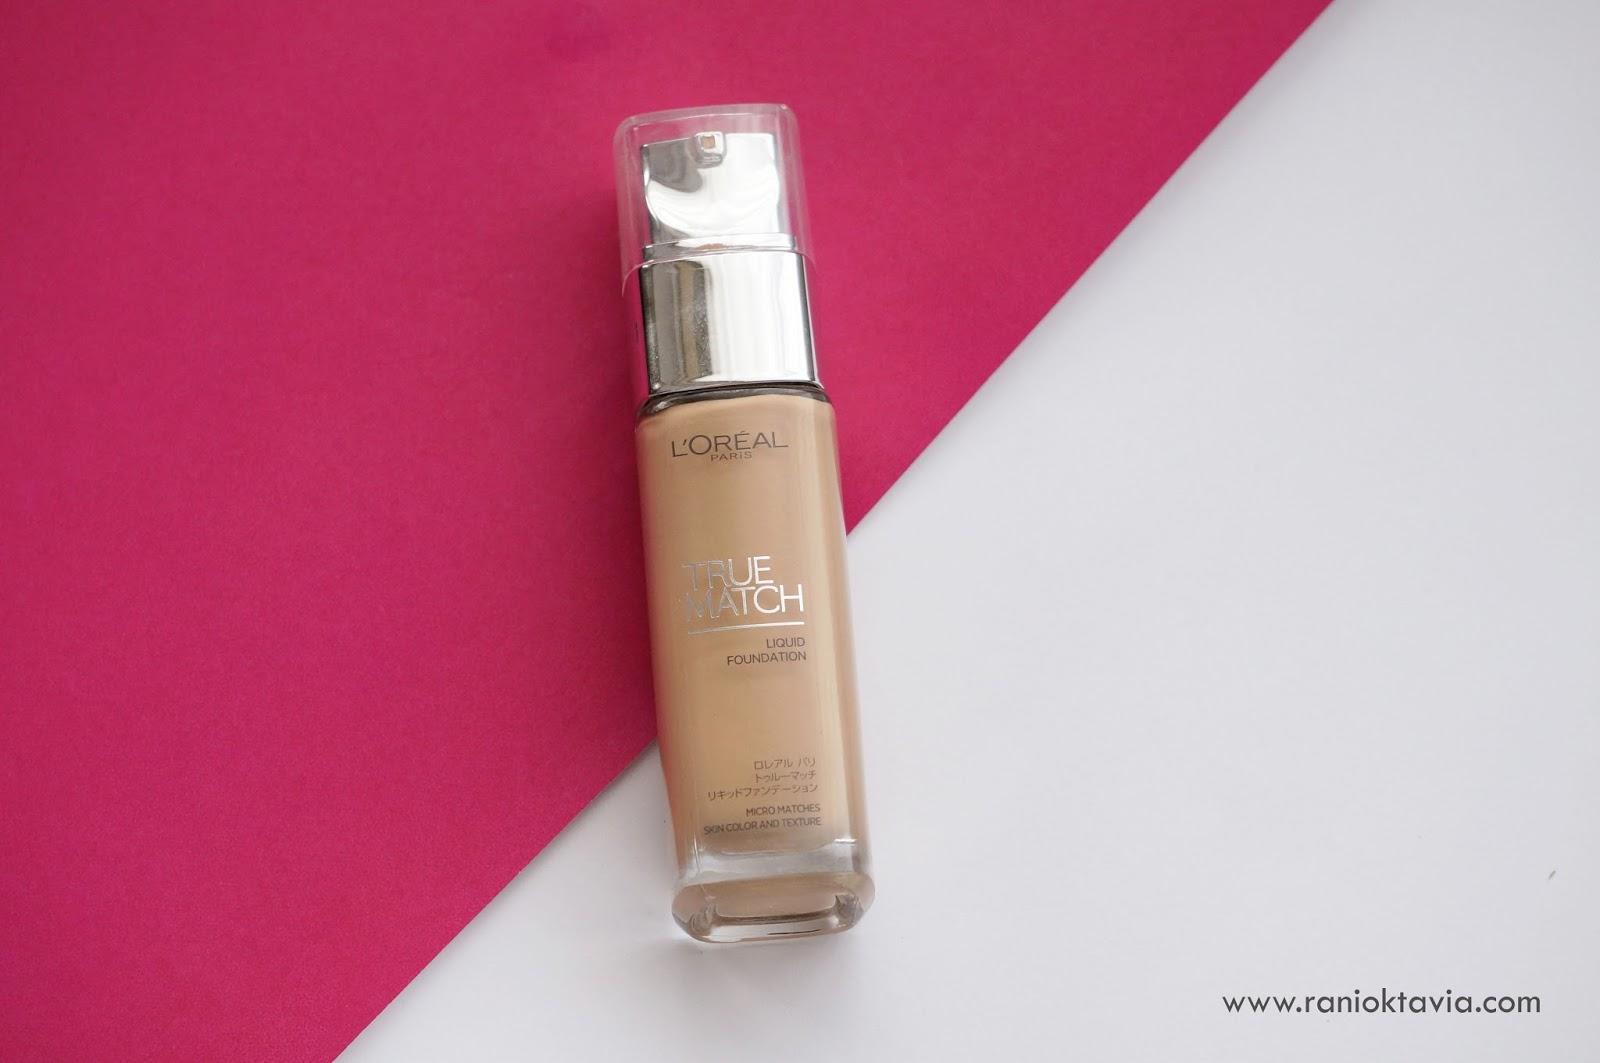 Makeup Review Loreal True Match Liquid Foundation Beauty Blog By Bedak Karena Waktu Itu Belum Banyak Ulasan Tentang Formula Terbarunya Aku Nekat Aja Beli Lagi Memang Butuh Dan Warnanya Pas Banget Sama Kulit